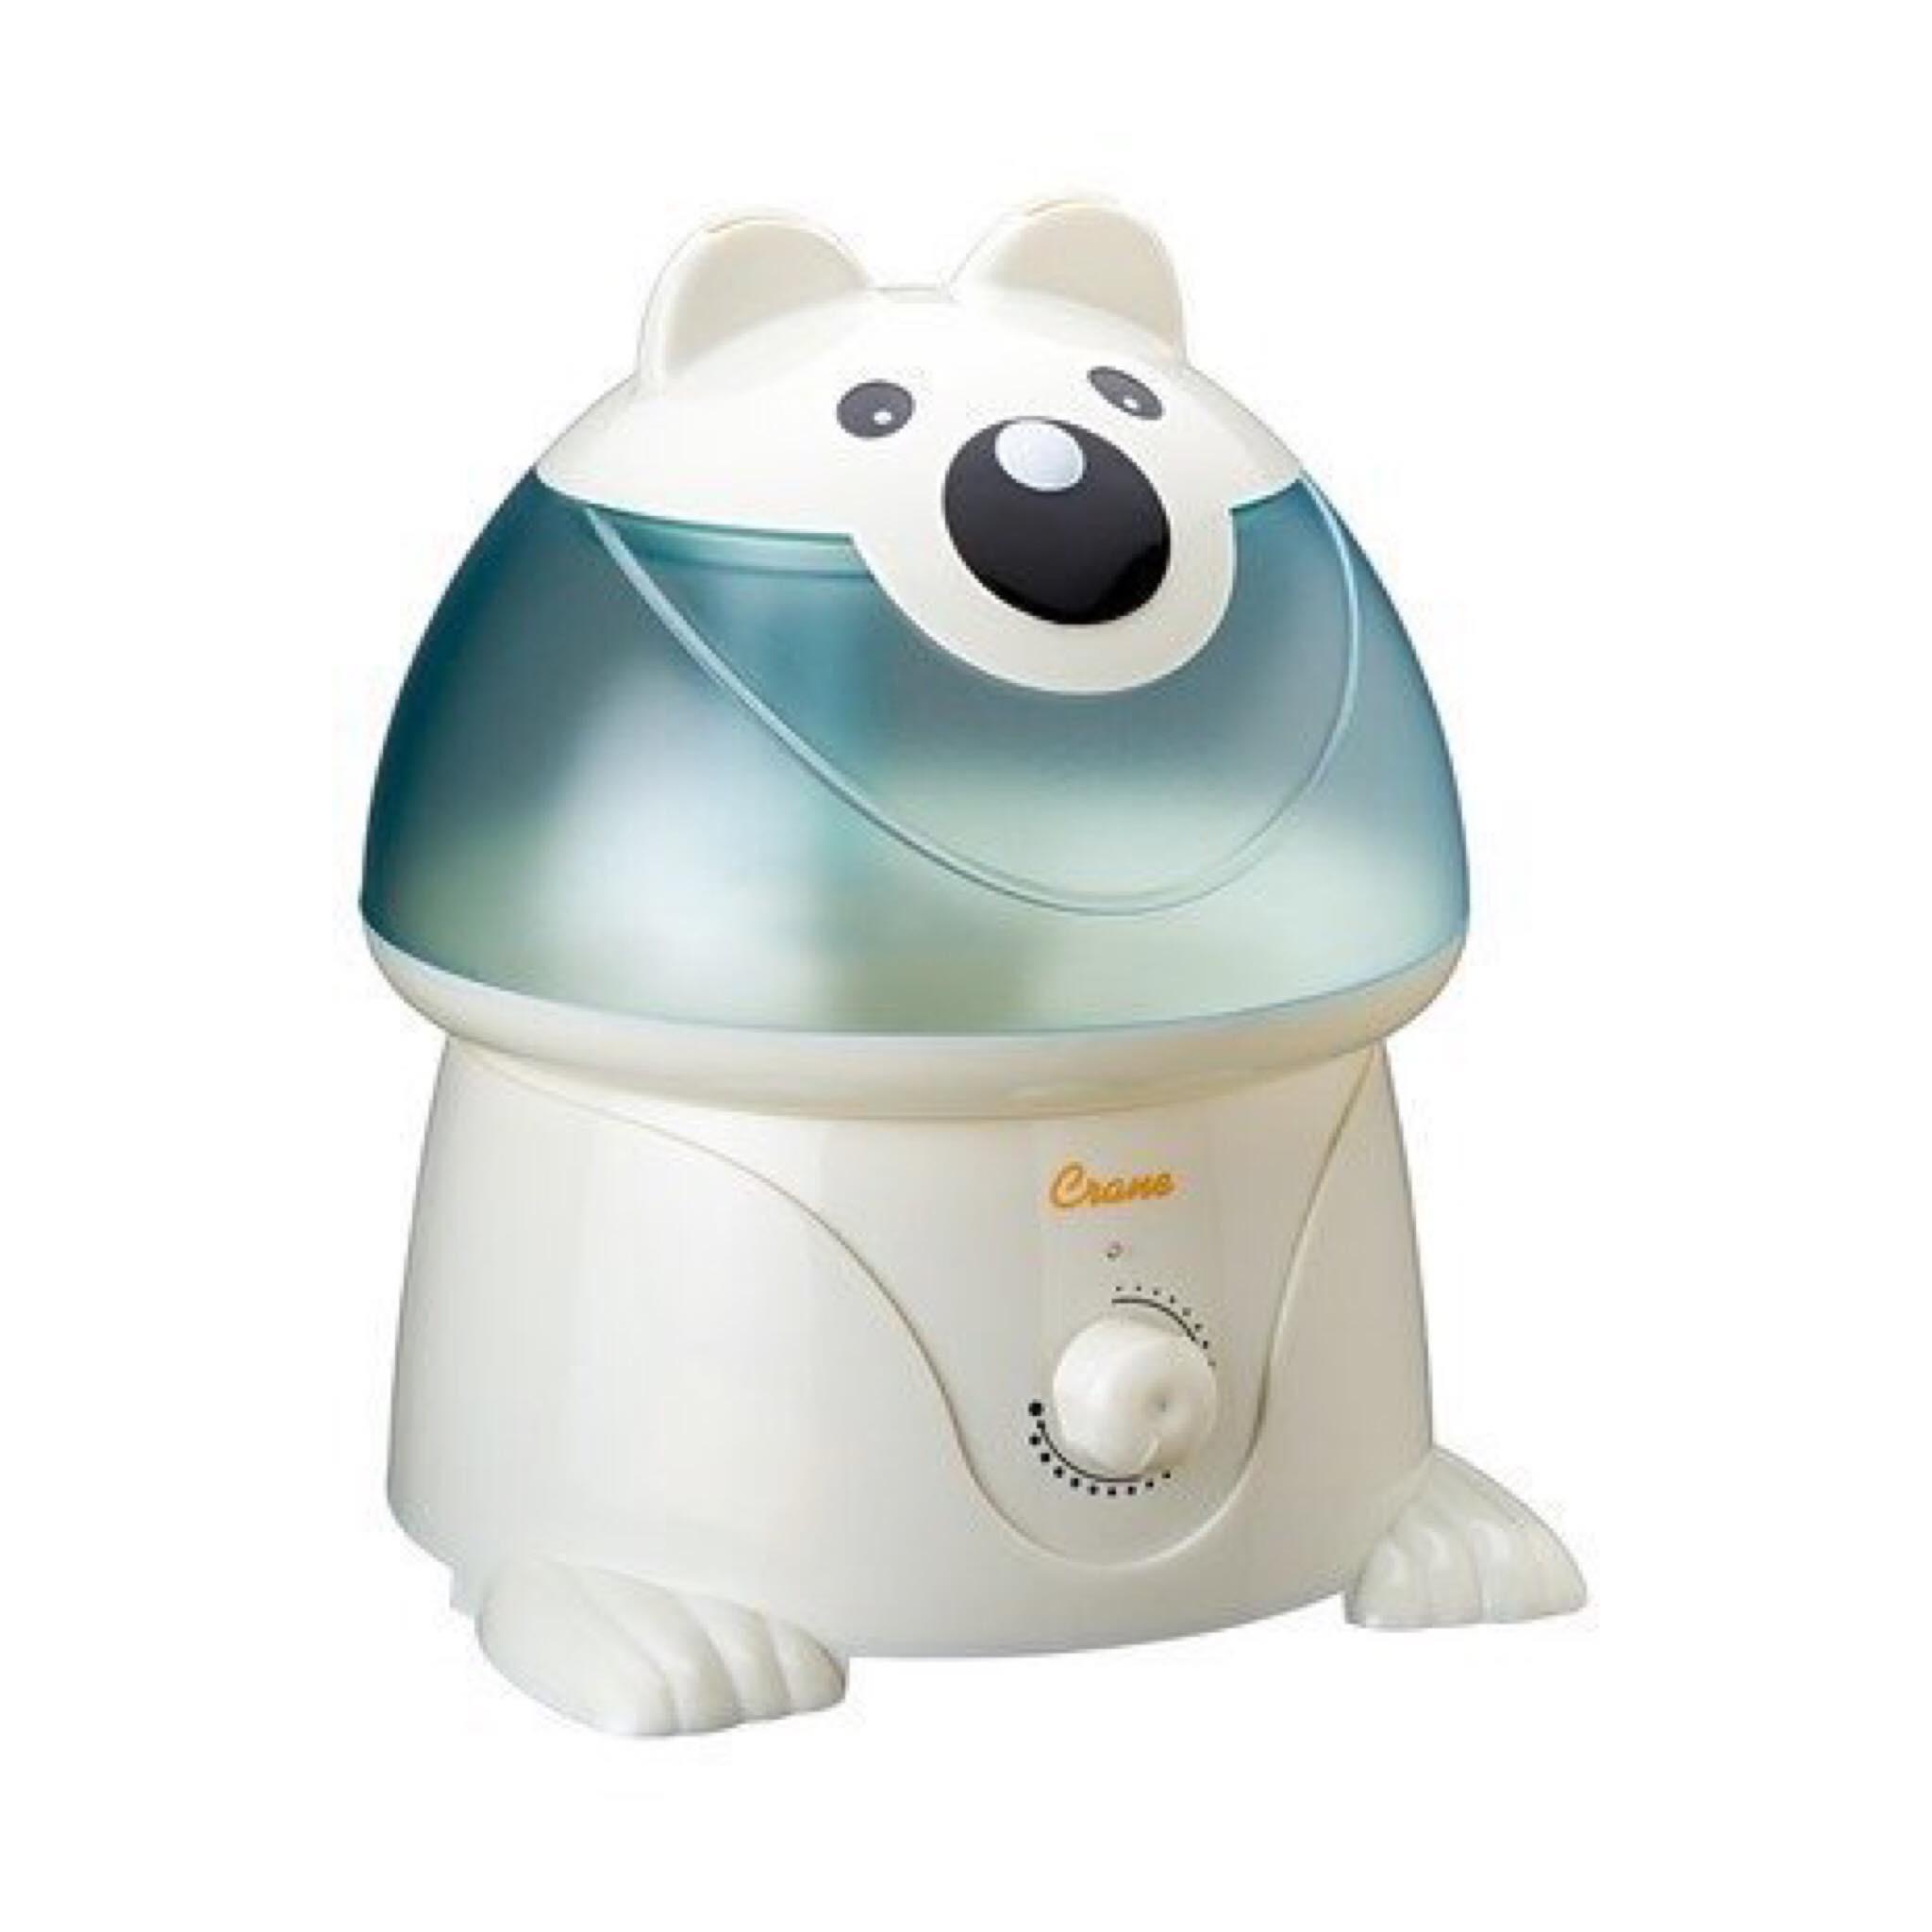 เครื่องสร้างความชื้นในอากาศ Crane USA รุ่น Adorable Ultrasonic Cool Mist Humidifier (Chauncey the Polar Bear)